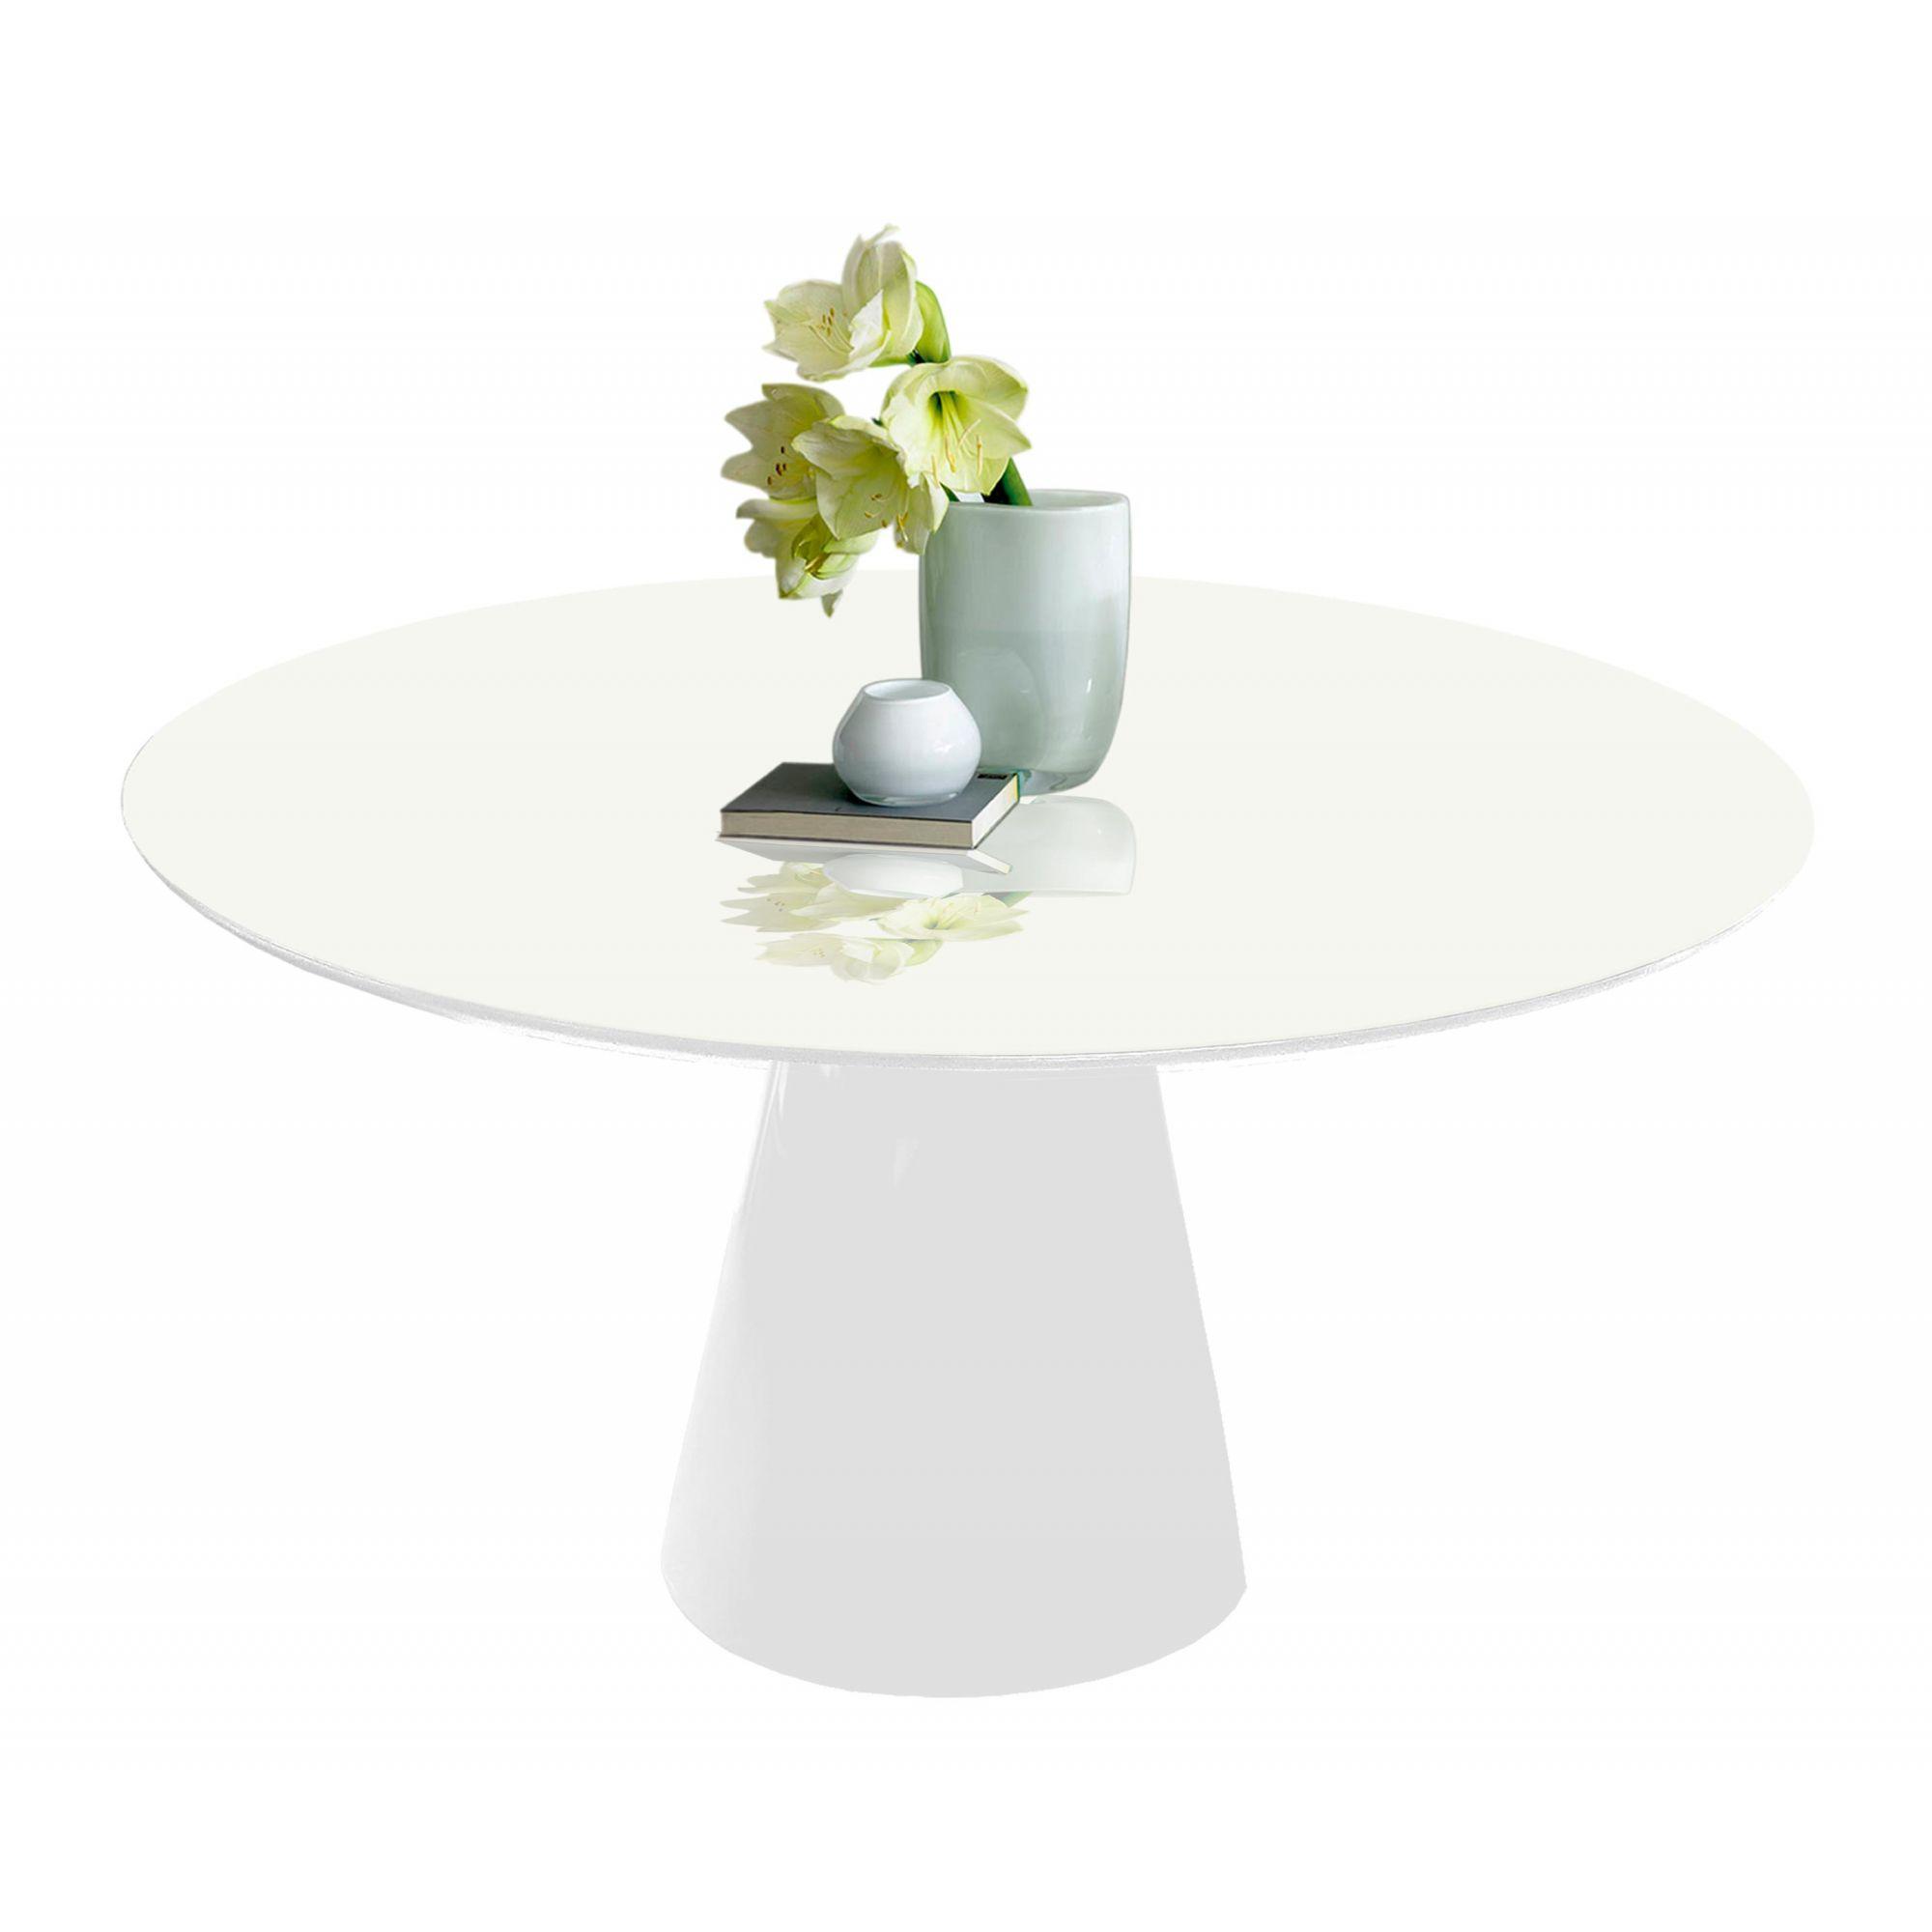 Mesa de Jantar Cone Redonda Branca em Fibra com Vidro Coverglass Sobreposto